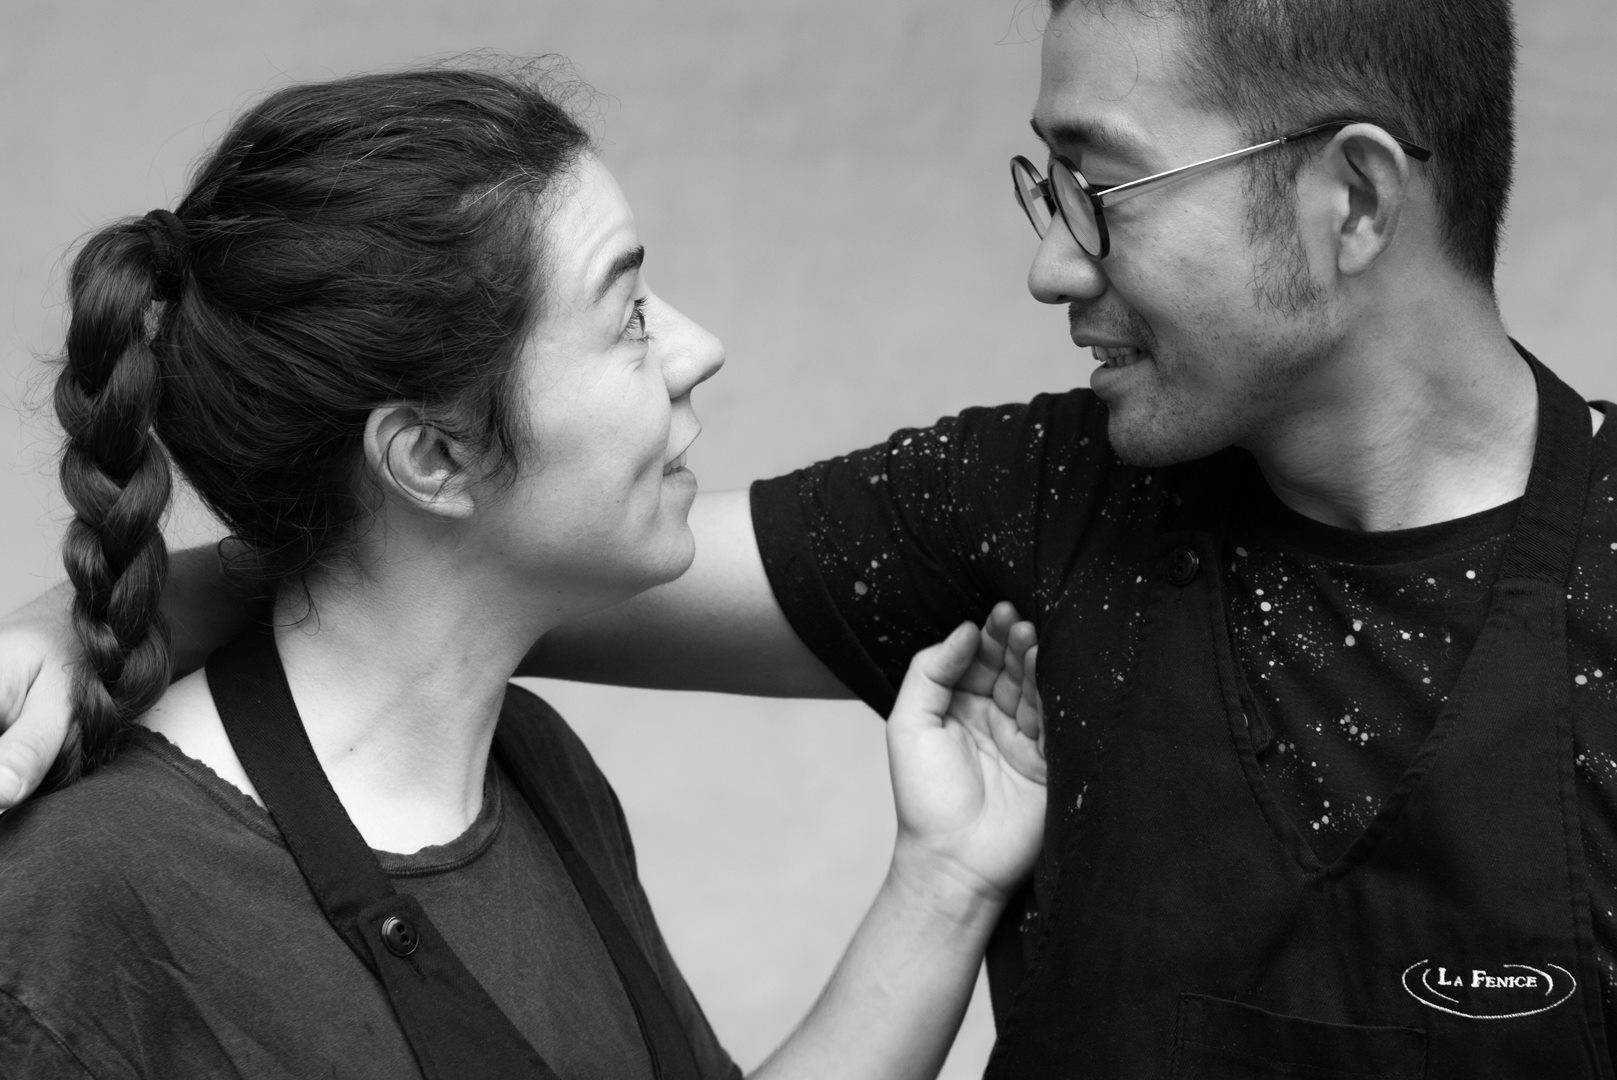 Zijun Meng and Ana Goncalves from TĀ TĀ EATERY